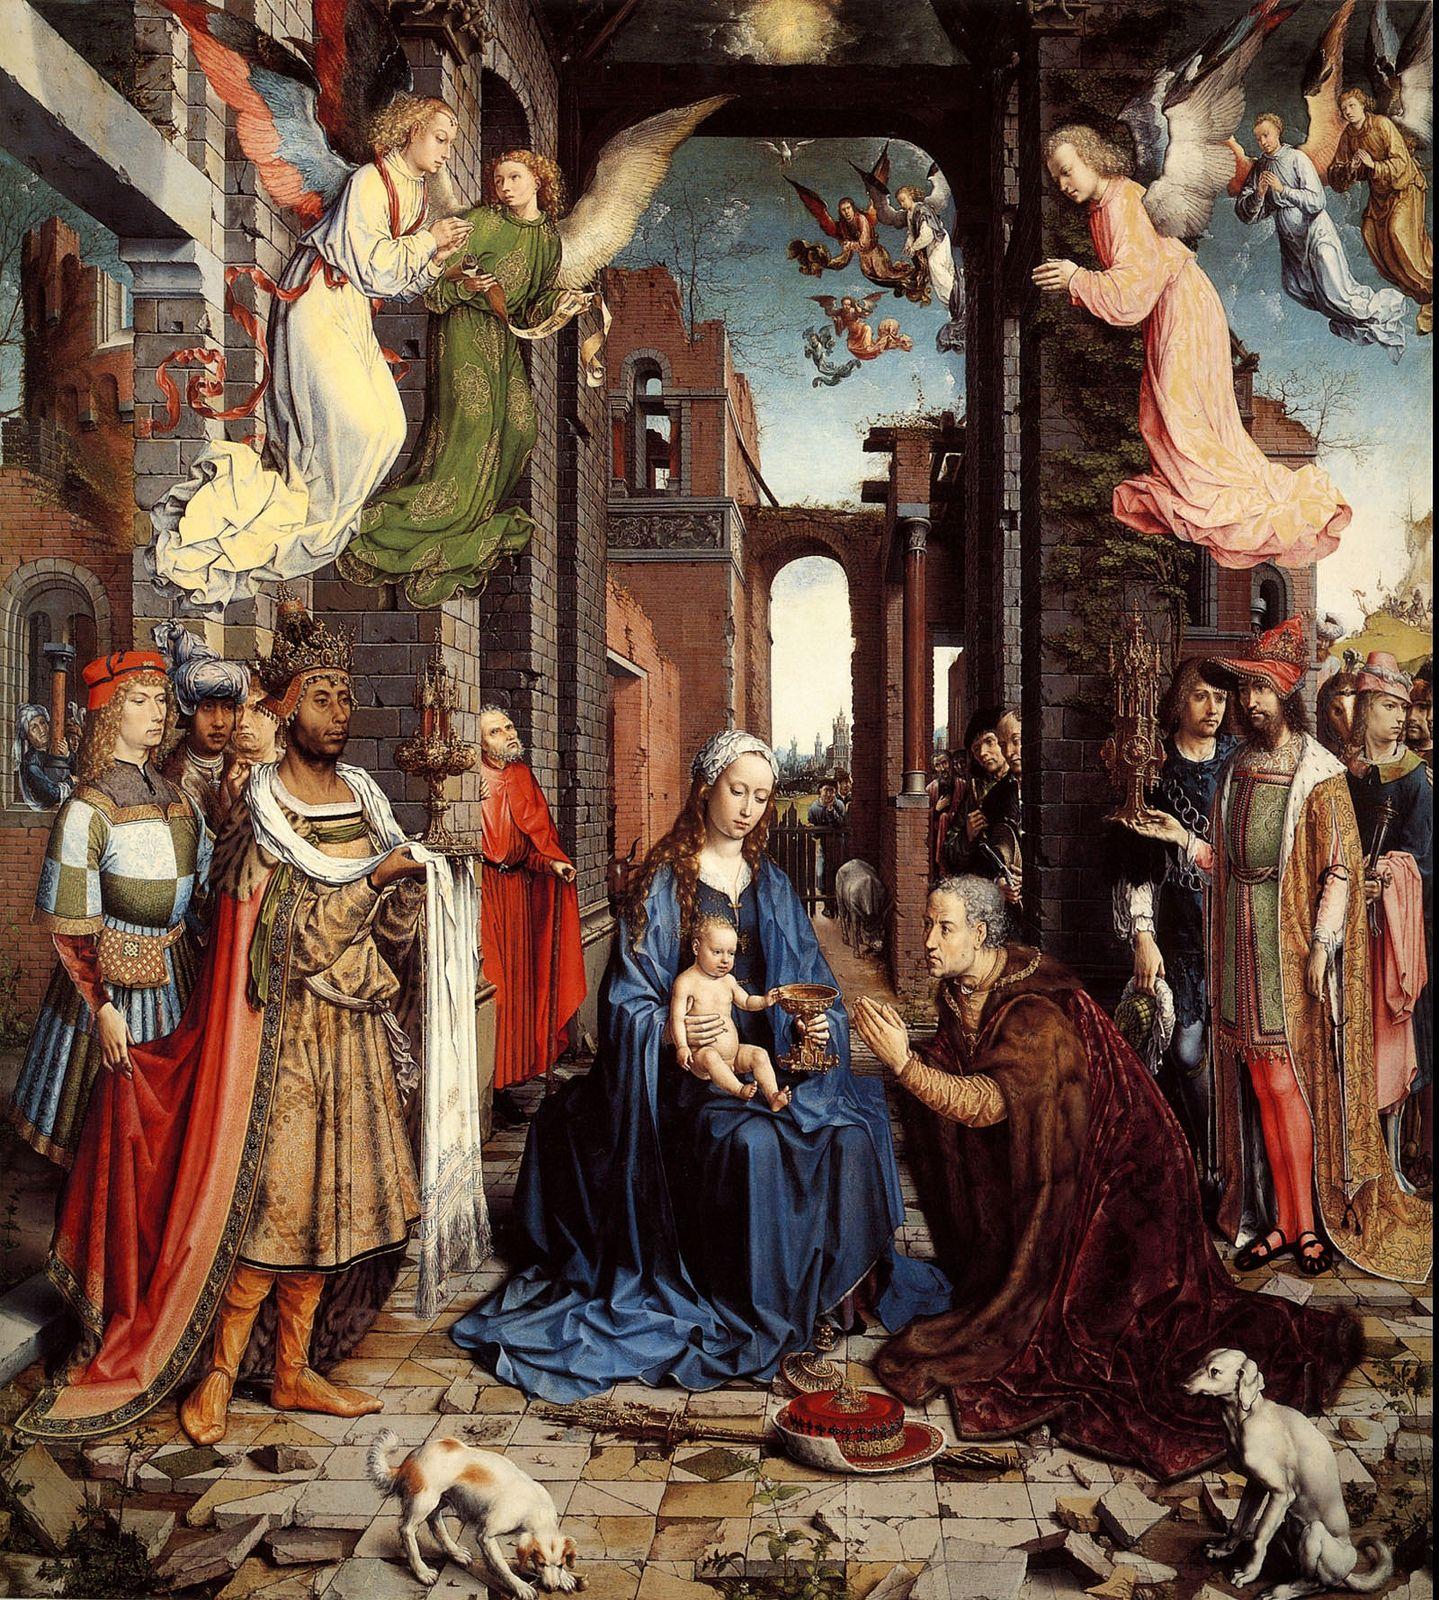 Jan Gossaert (Mabuse), Adoration of the Kings, c1510-15 [NG.London]